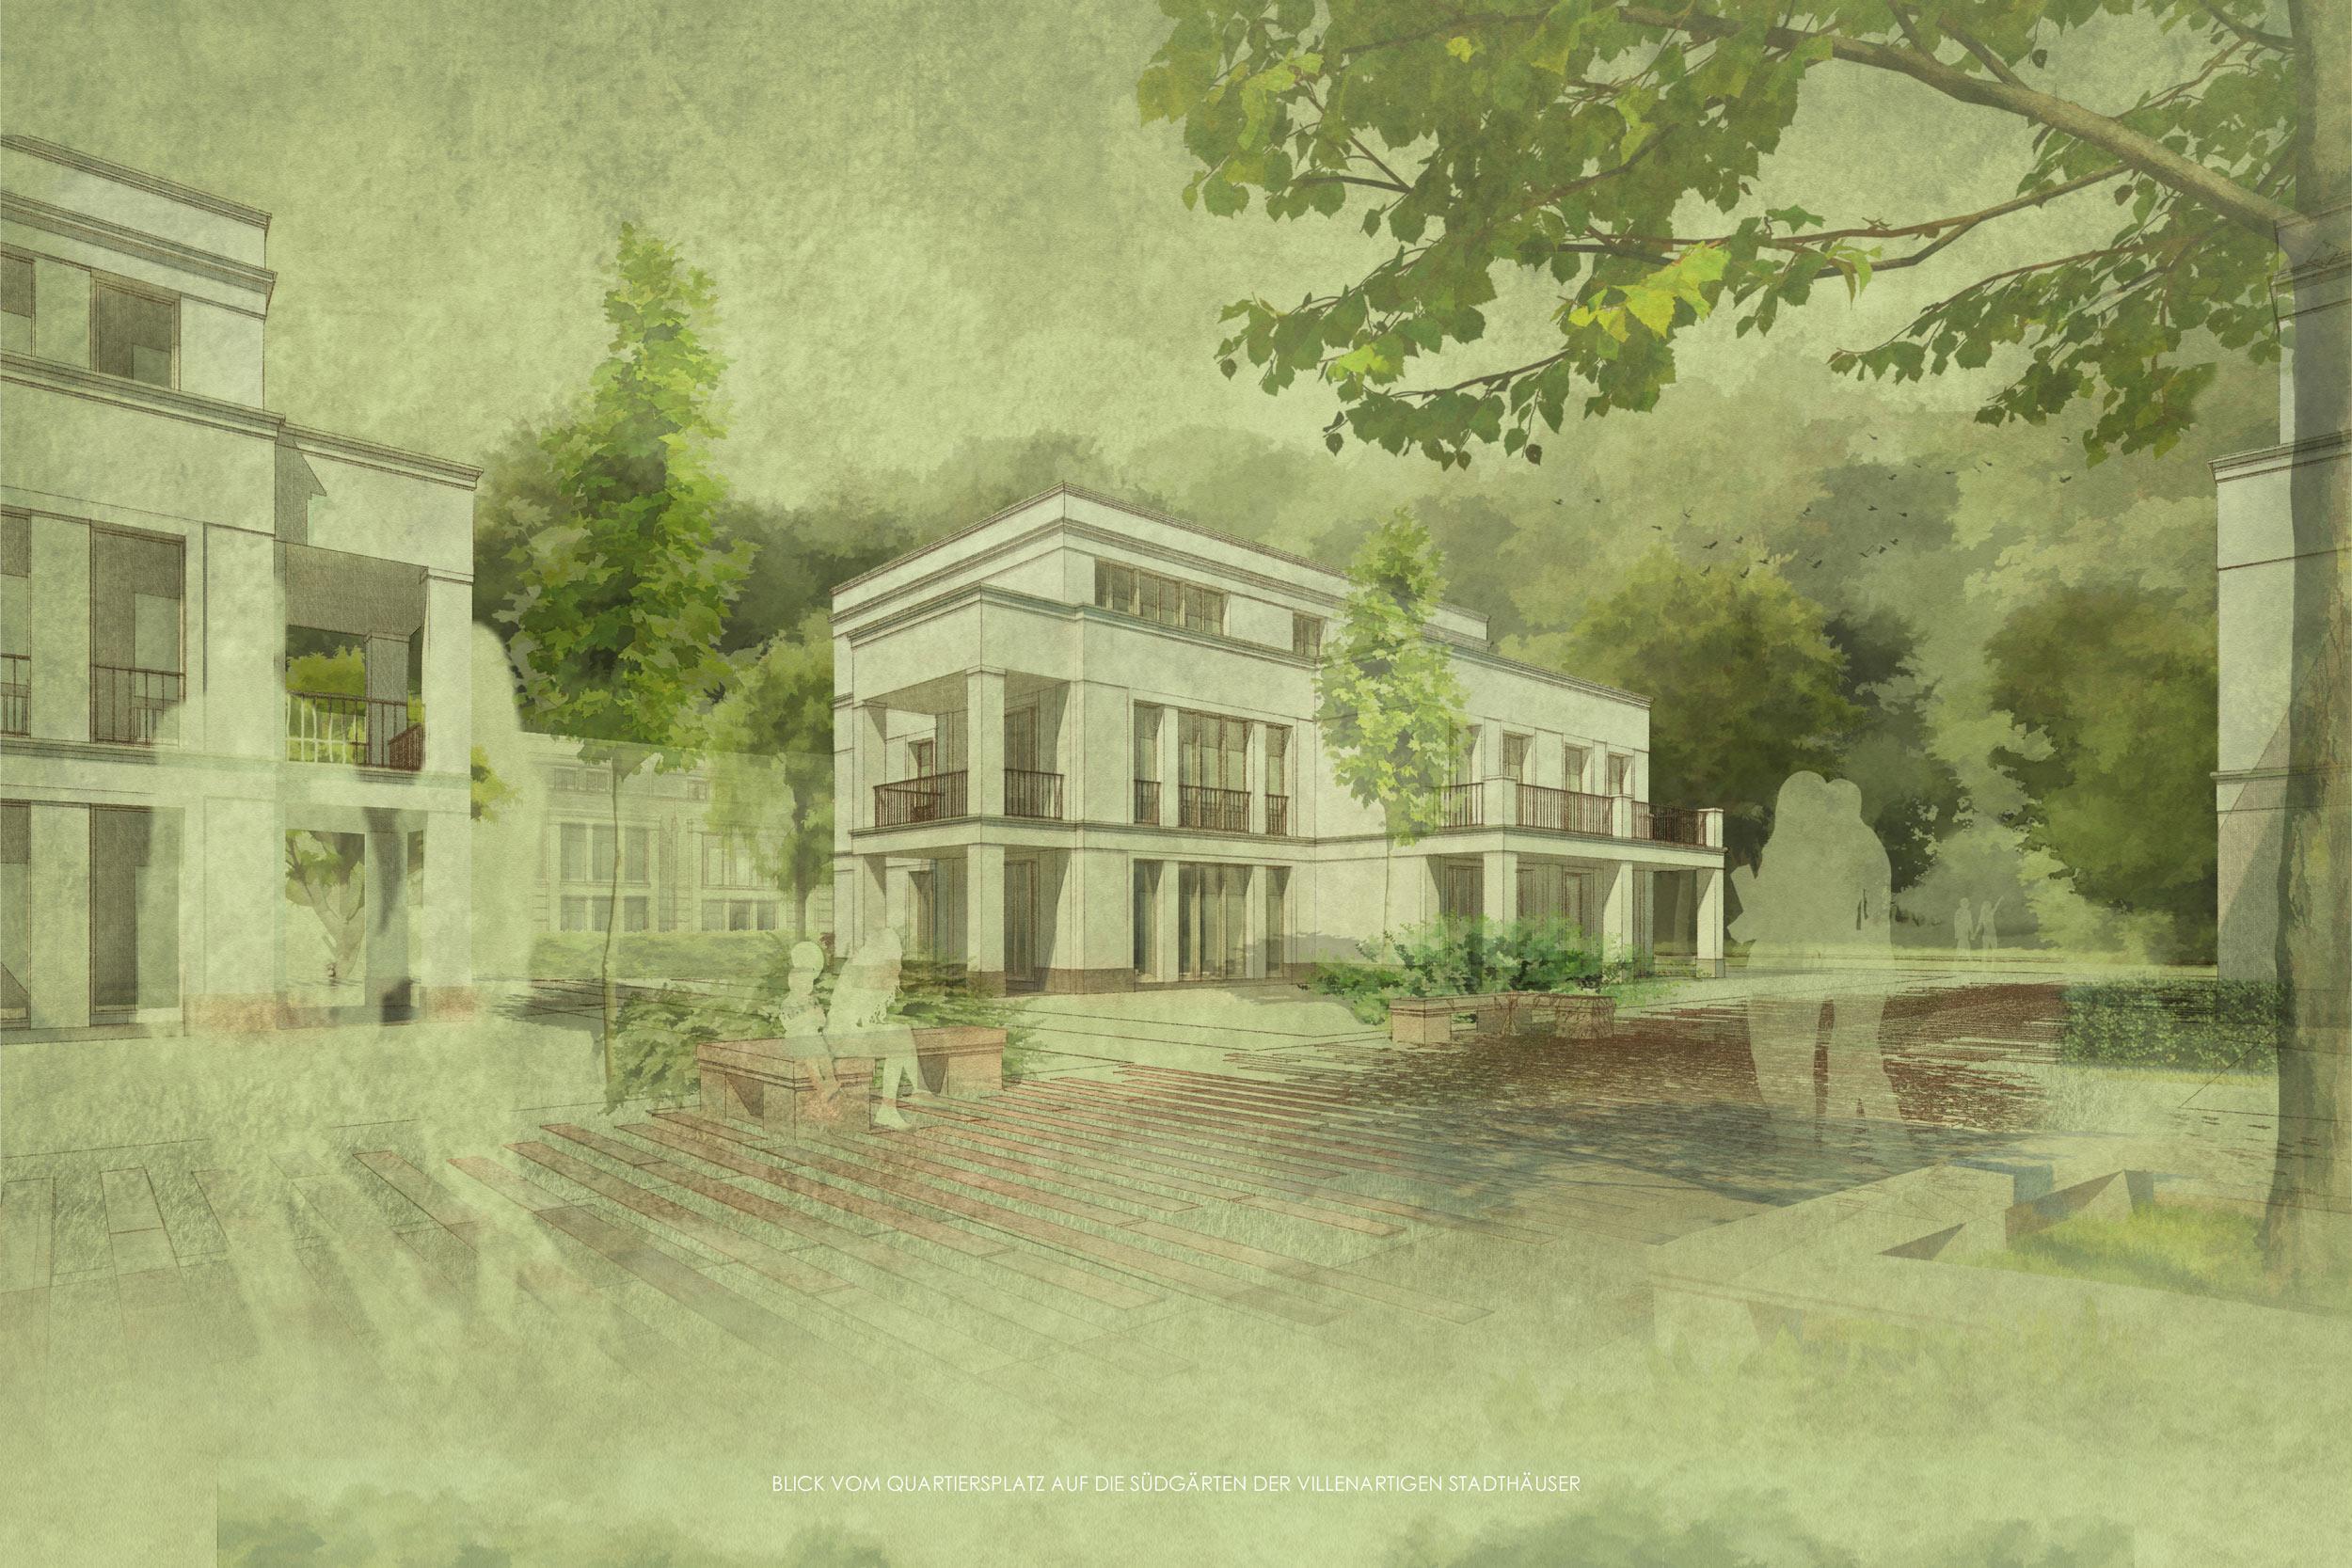 Wohnensemble im Landschaftspark - Errichtung von Neubauwohnungen - Die Mehrfamilienhäuser mit viel Grünraum und Privatgärten